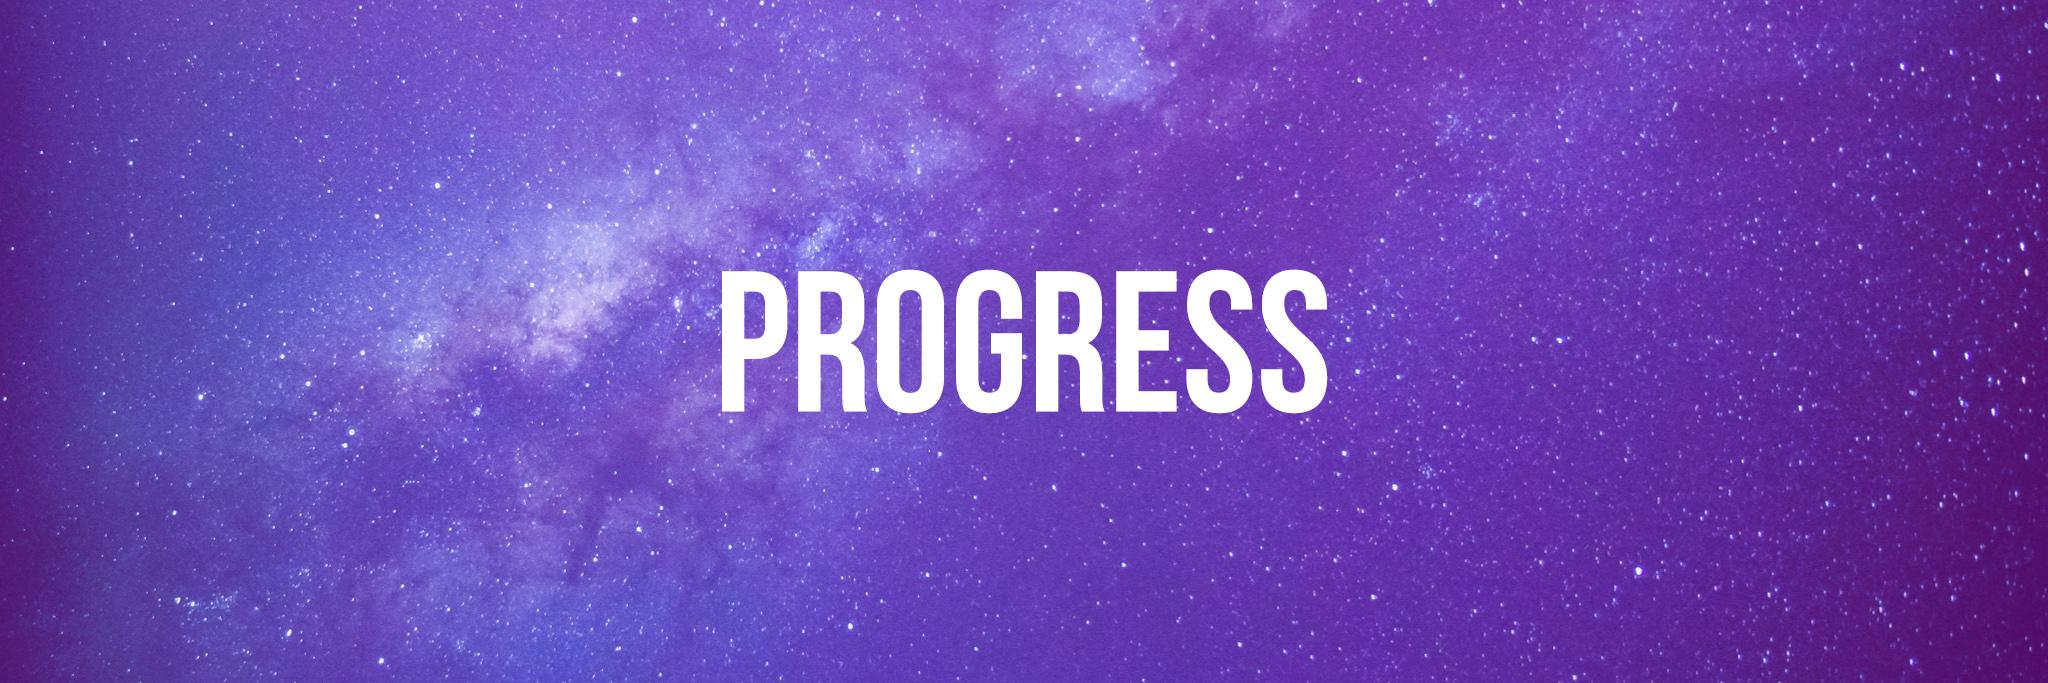 progress english.jpg